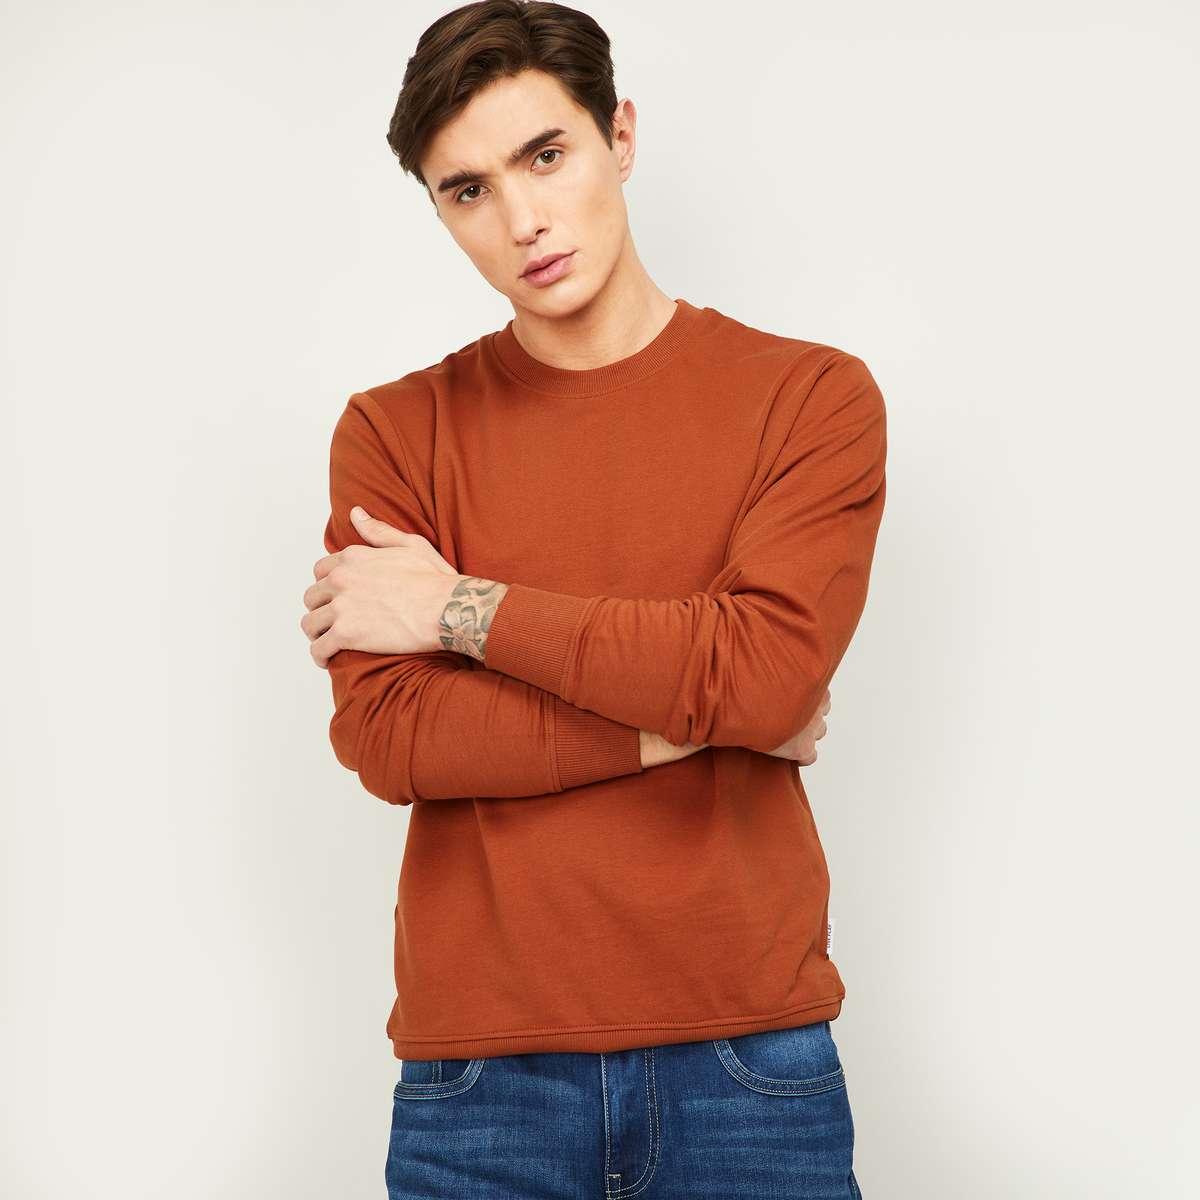 3.FAME FOREVER Men Solid Full Sleeves Sweatshirt